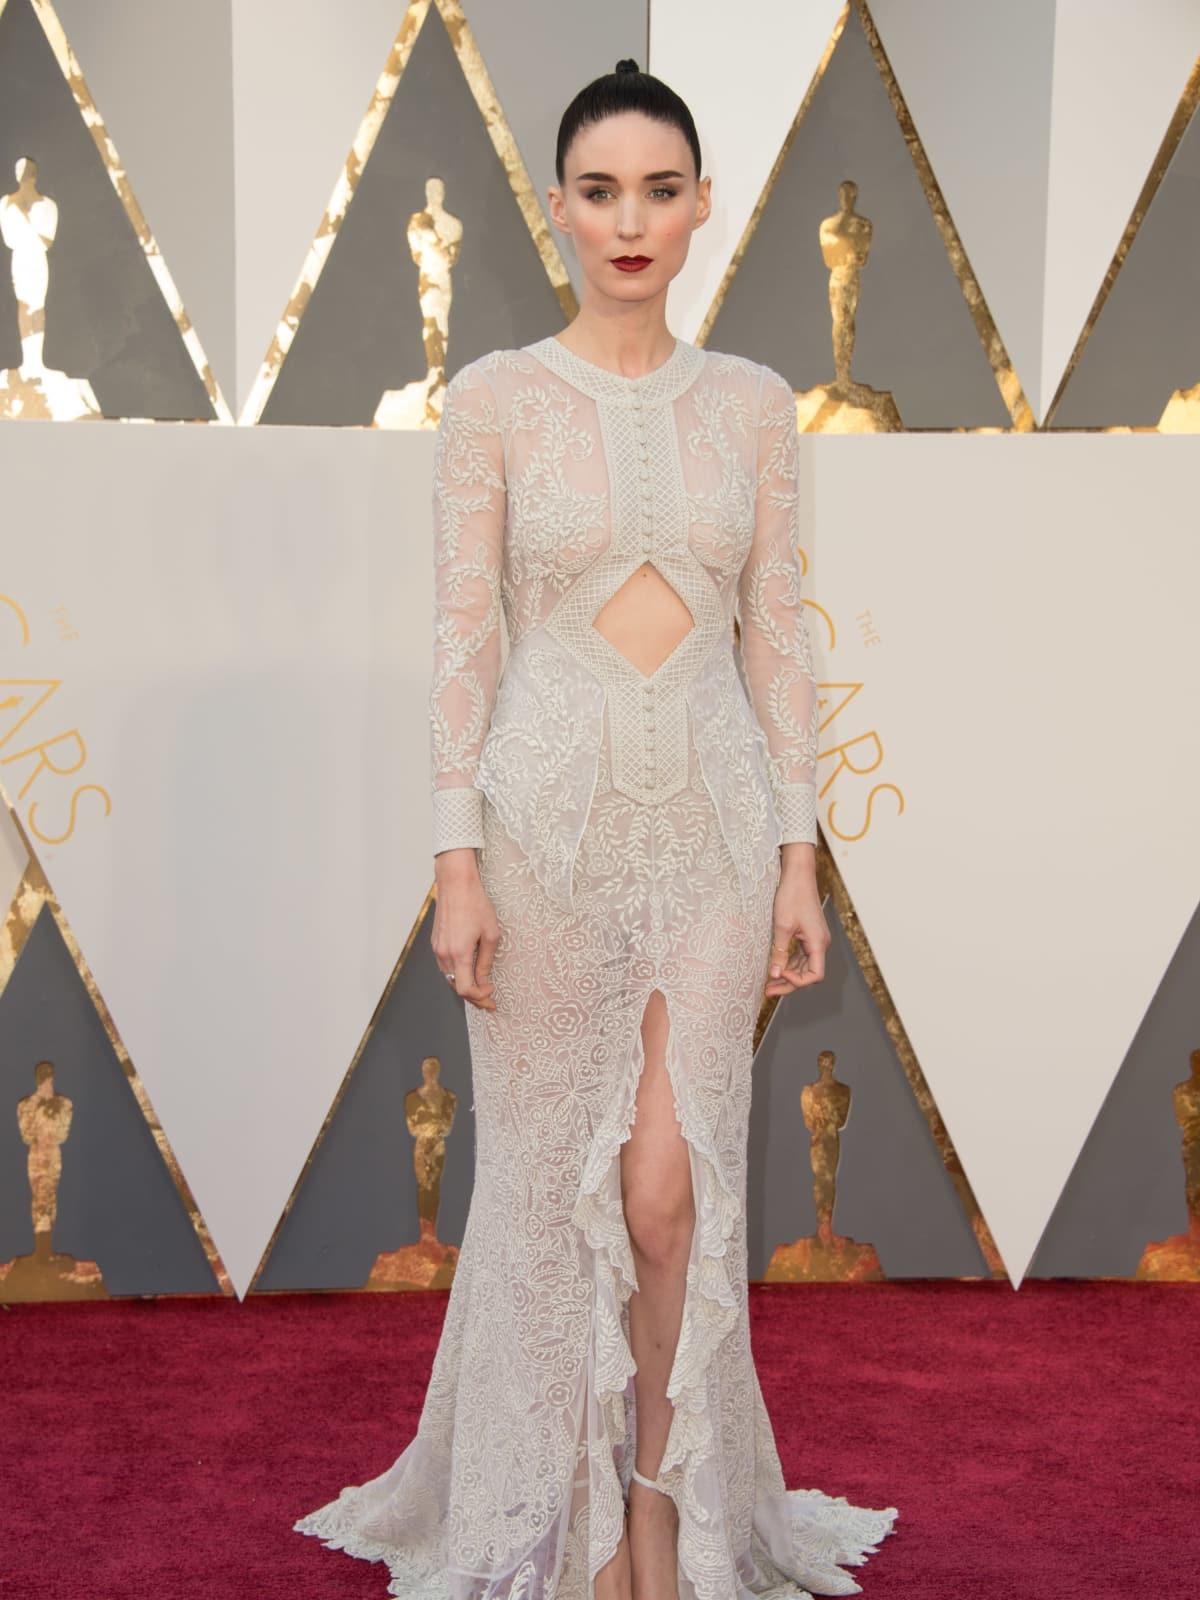 Rooney Mara at Oscars